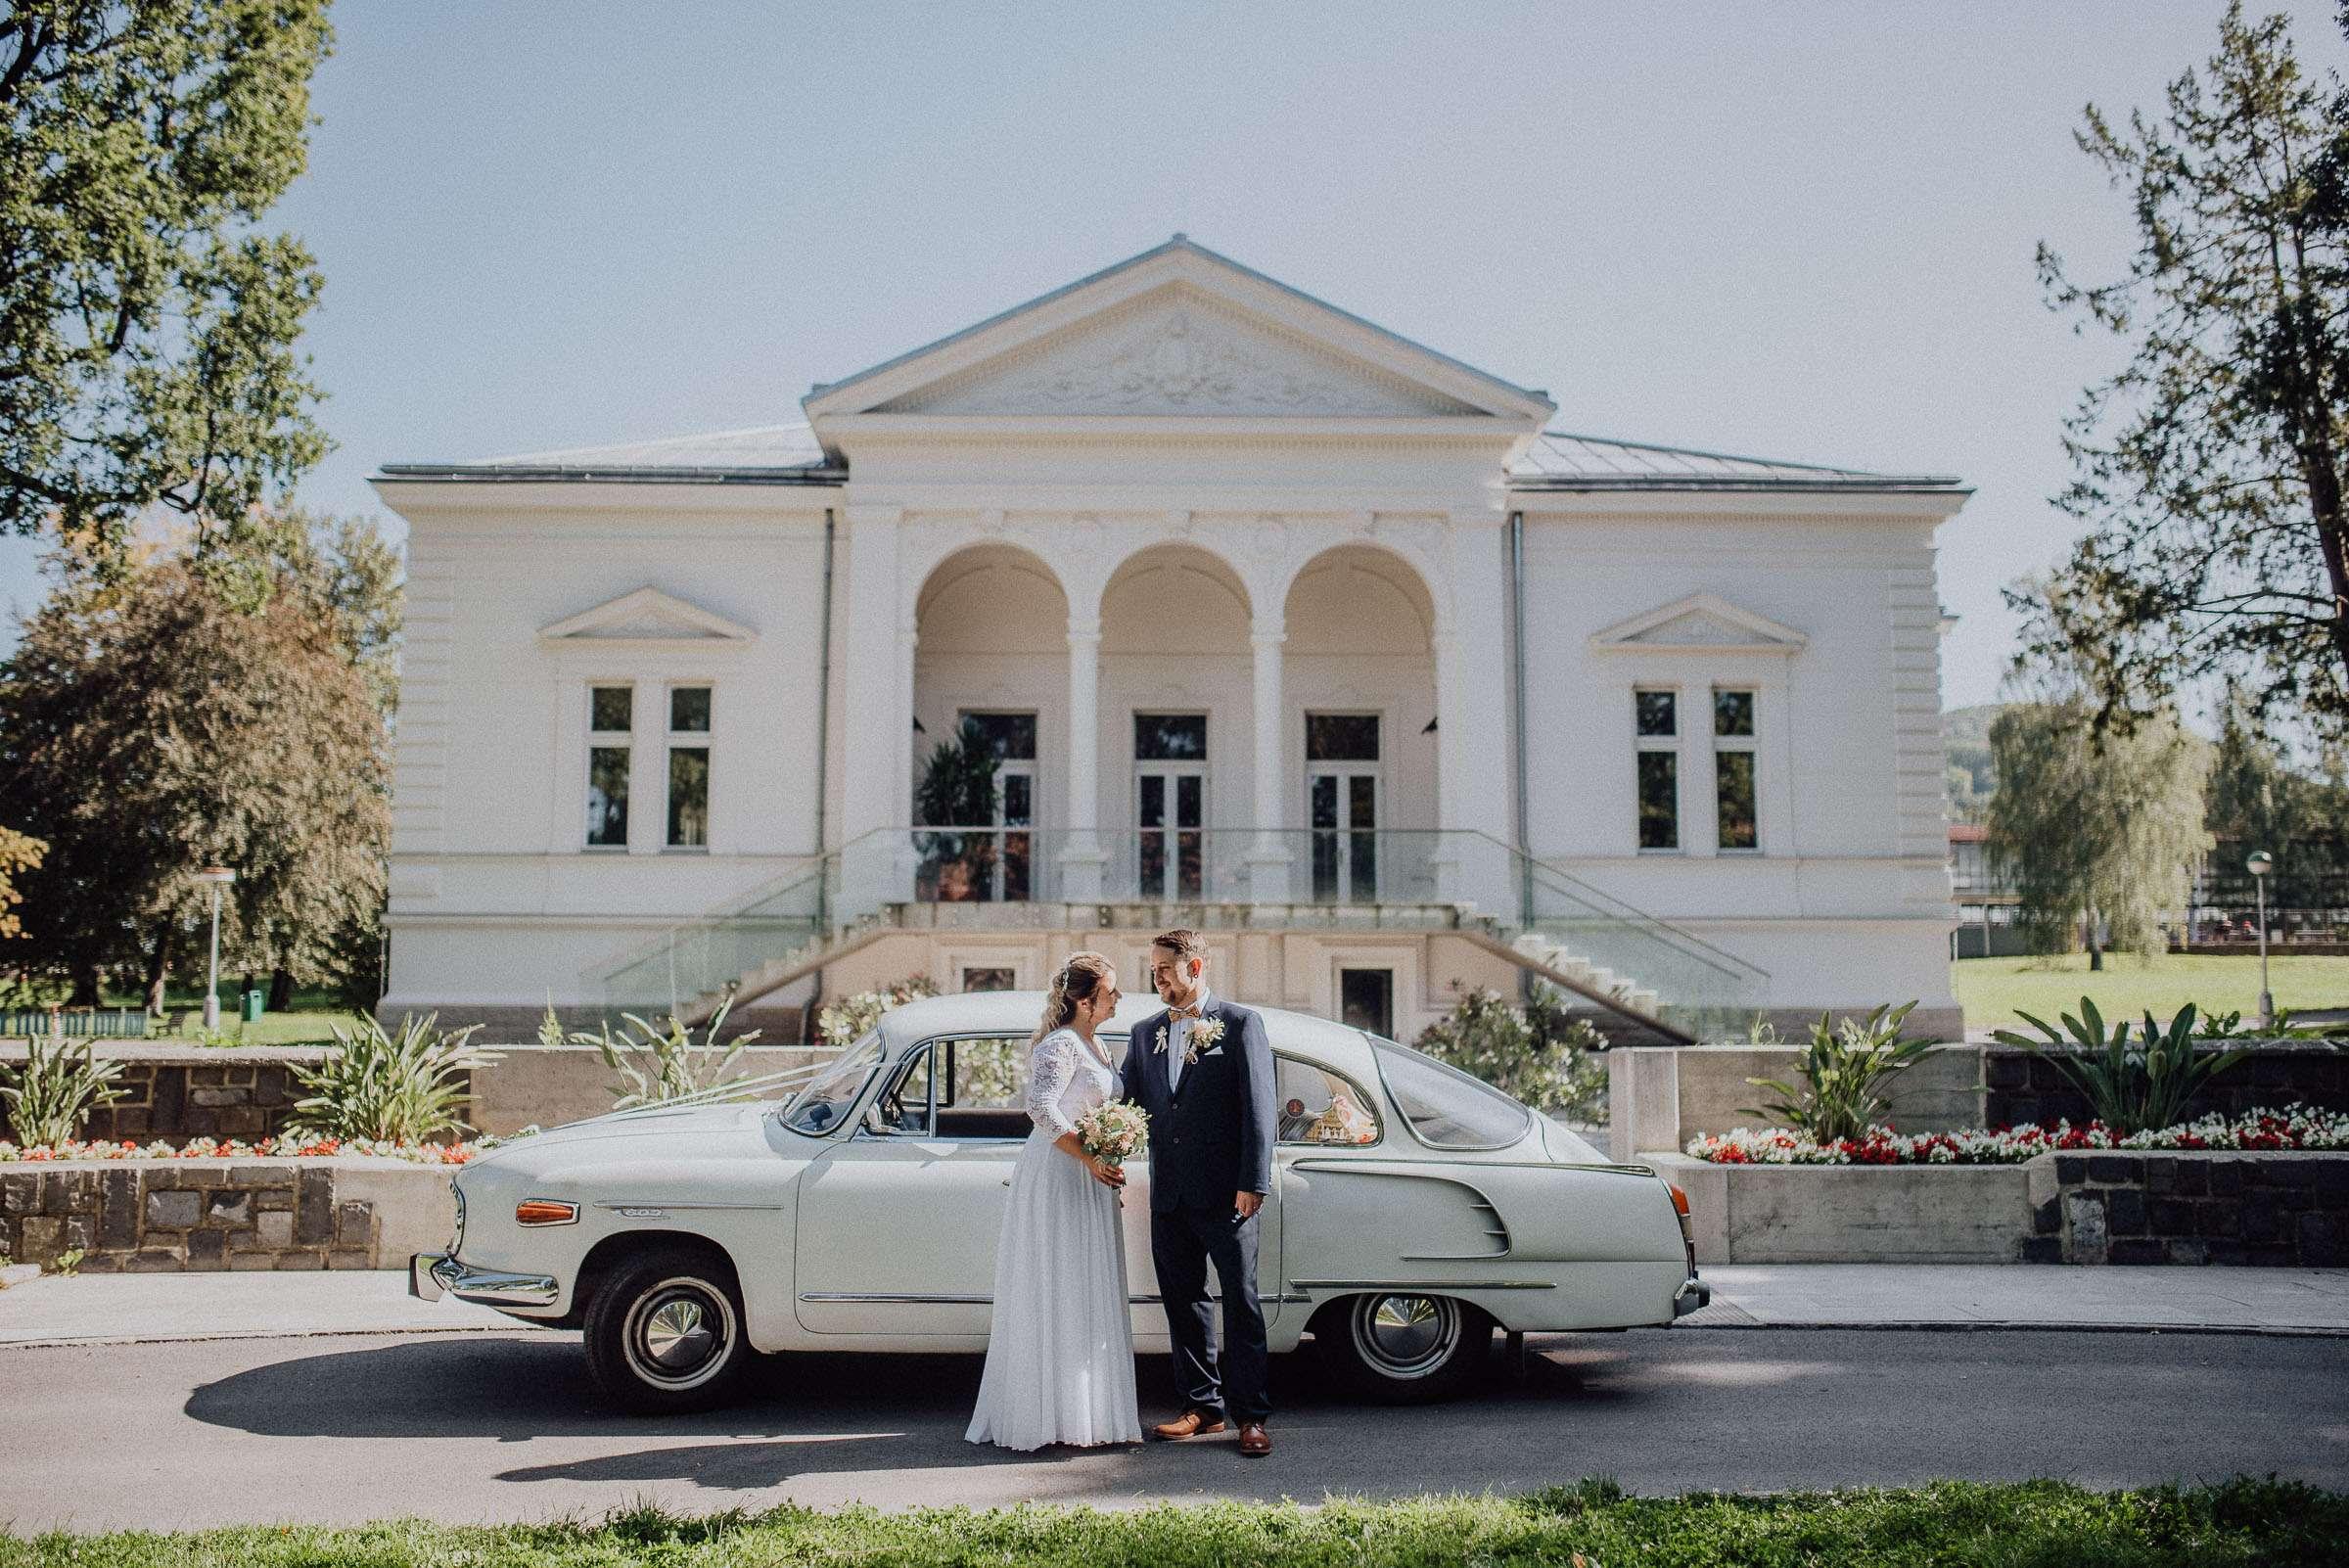 Ženich s nevěstou a svatební auto Frenštát Beskydy